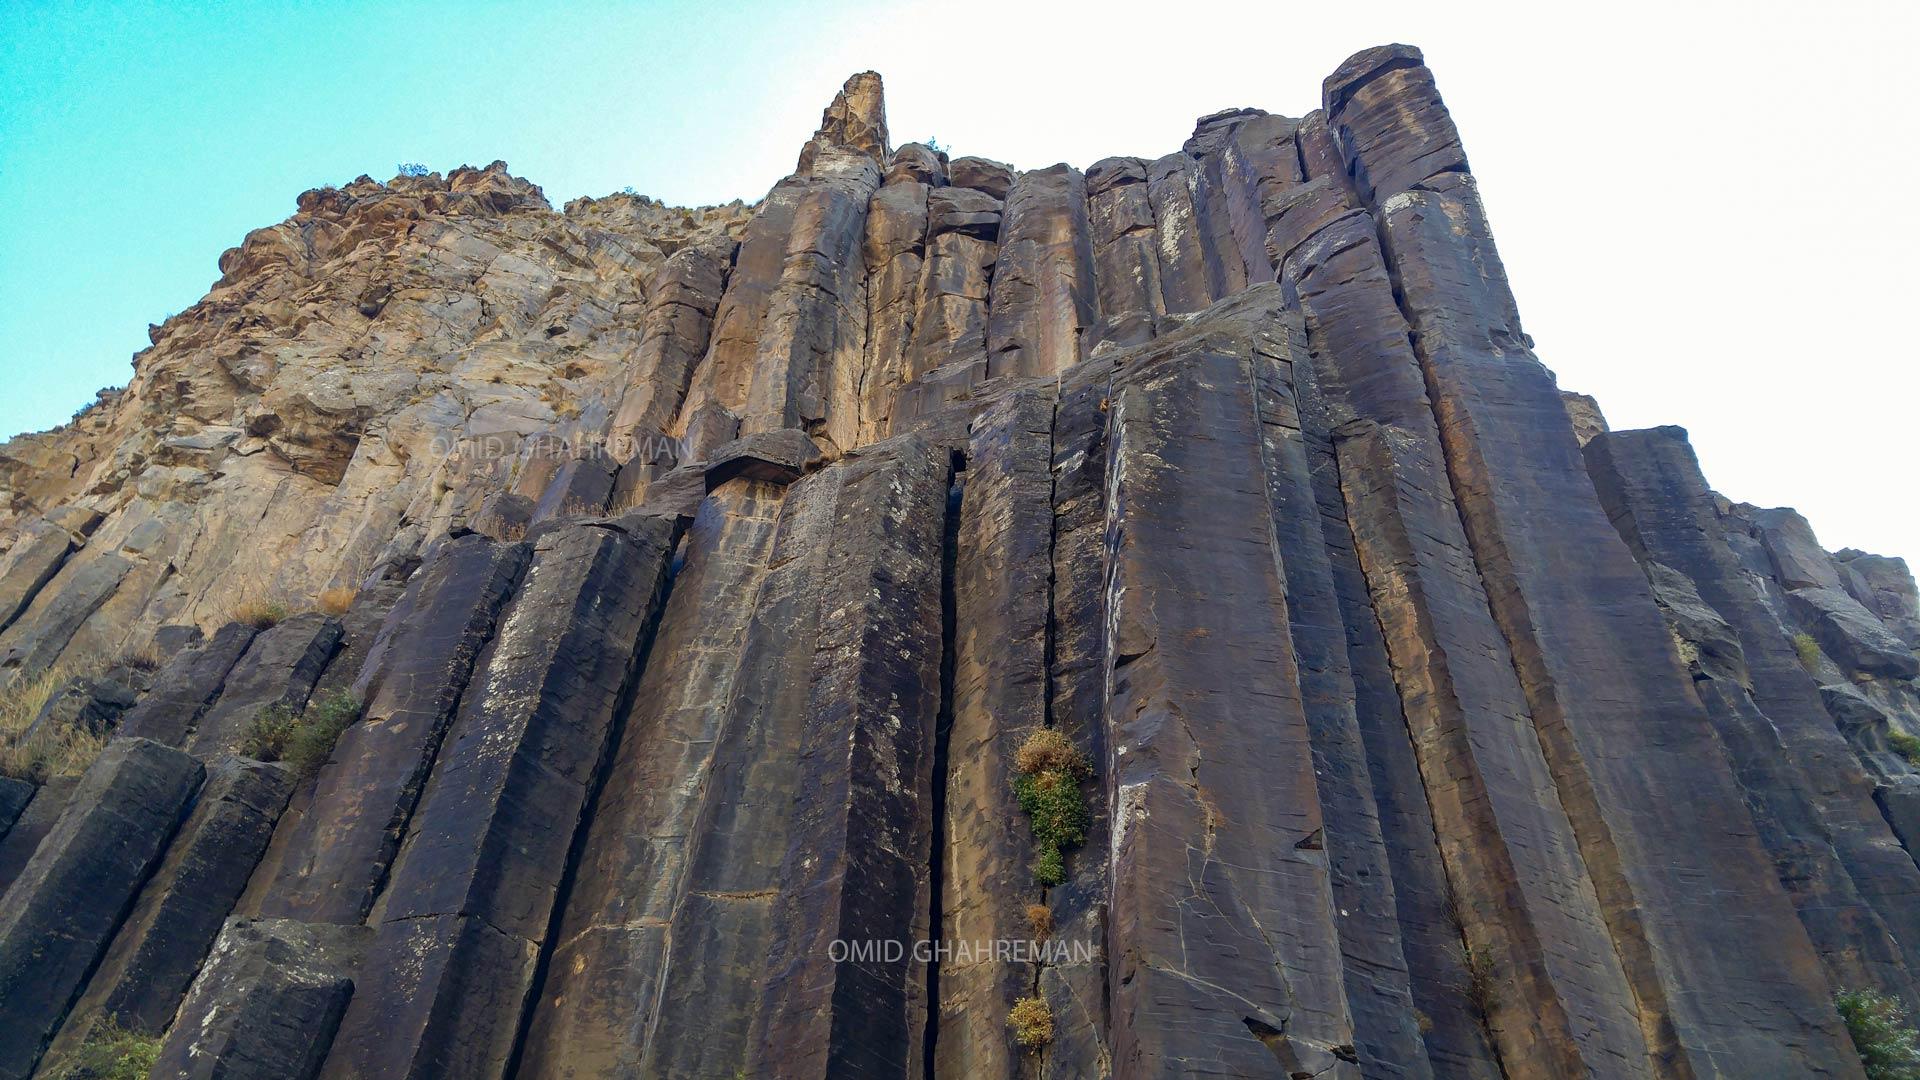 ستون های بازالتی در حال ریزش در دره قیرمیزیلیخ Basaltic charters of the Qirmizilix valley